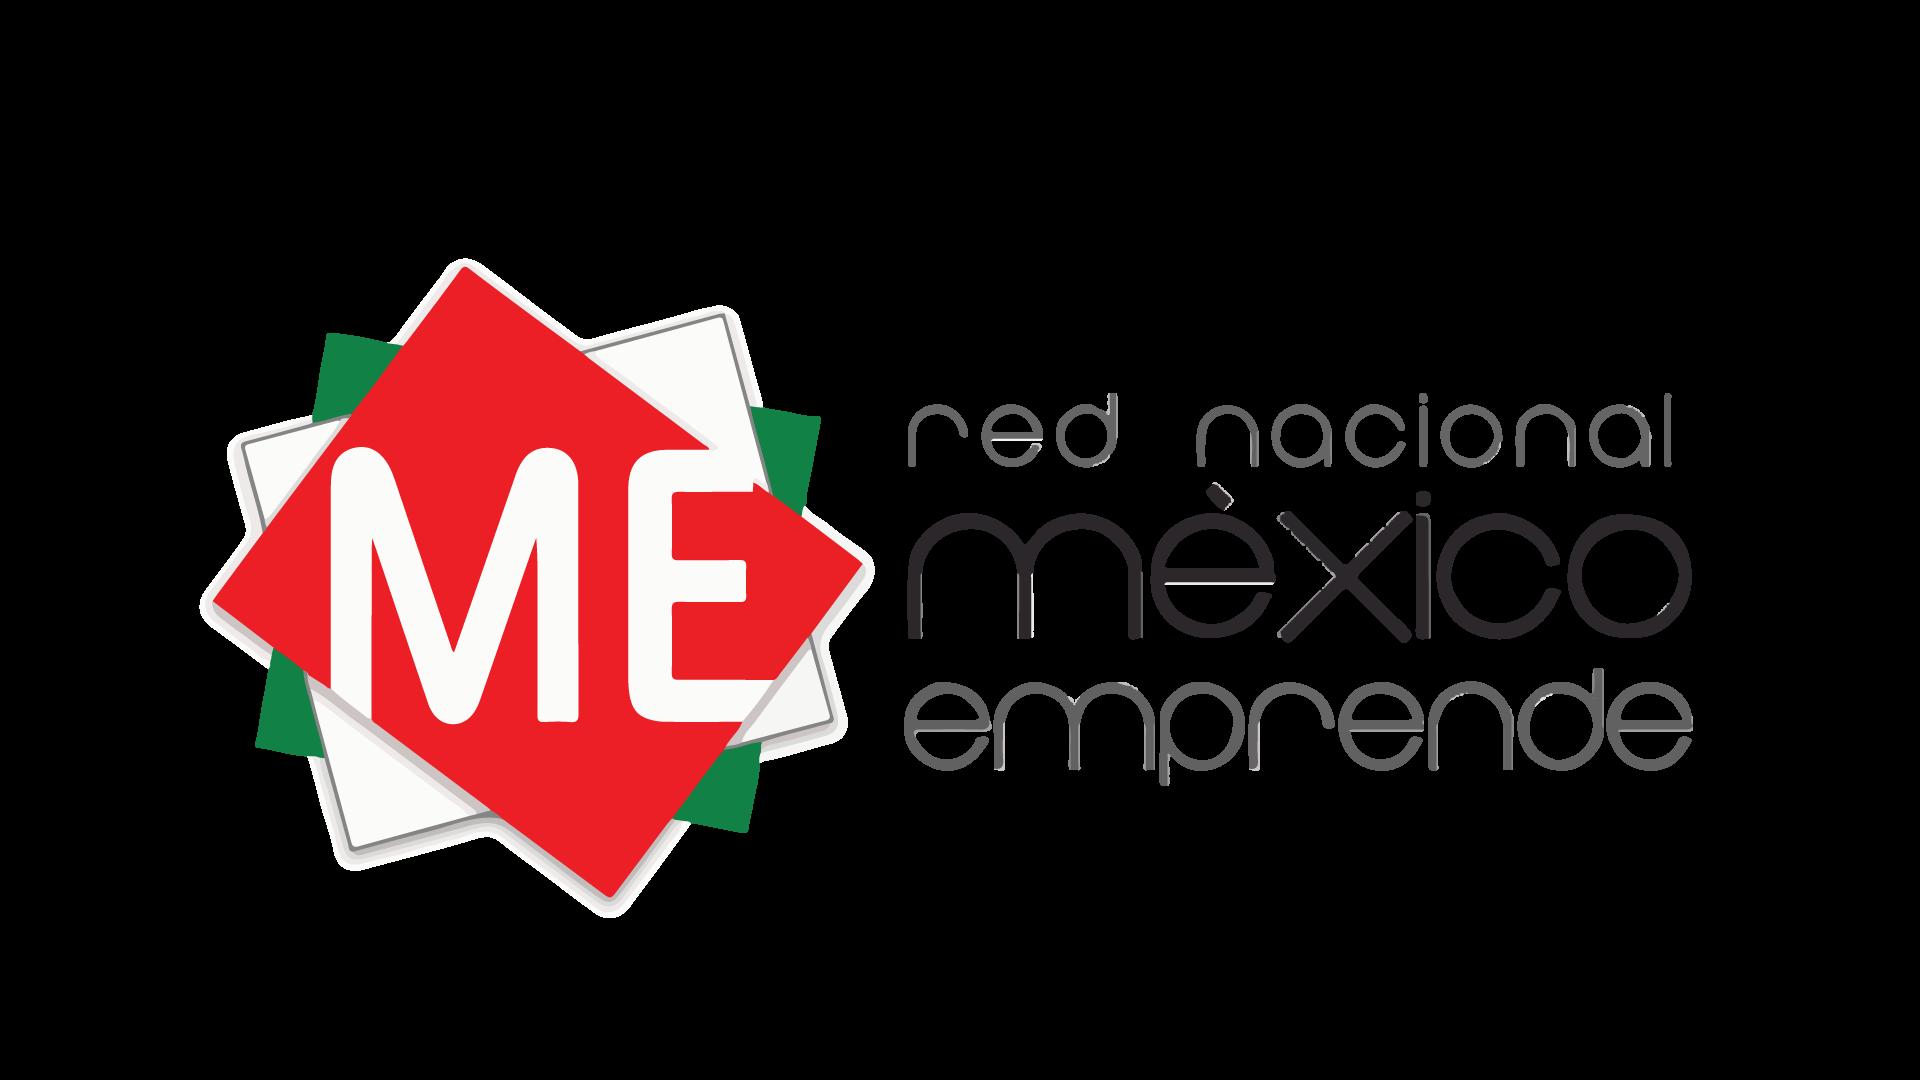 Red Nacional México Emprende